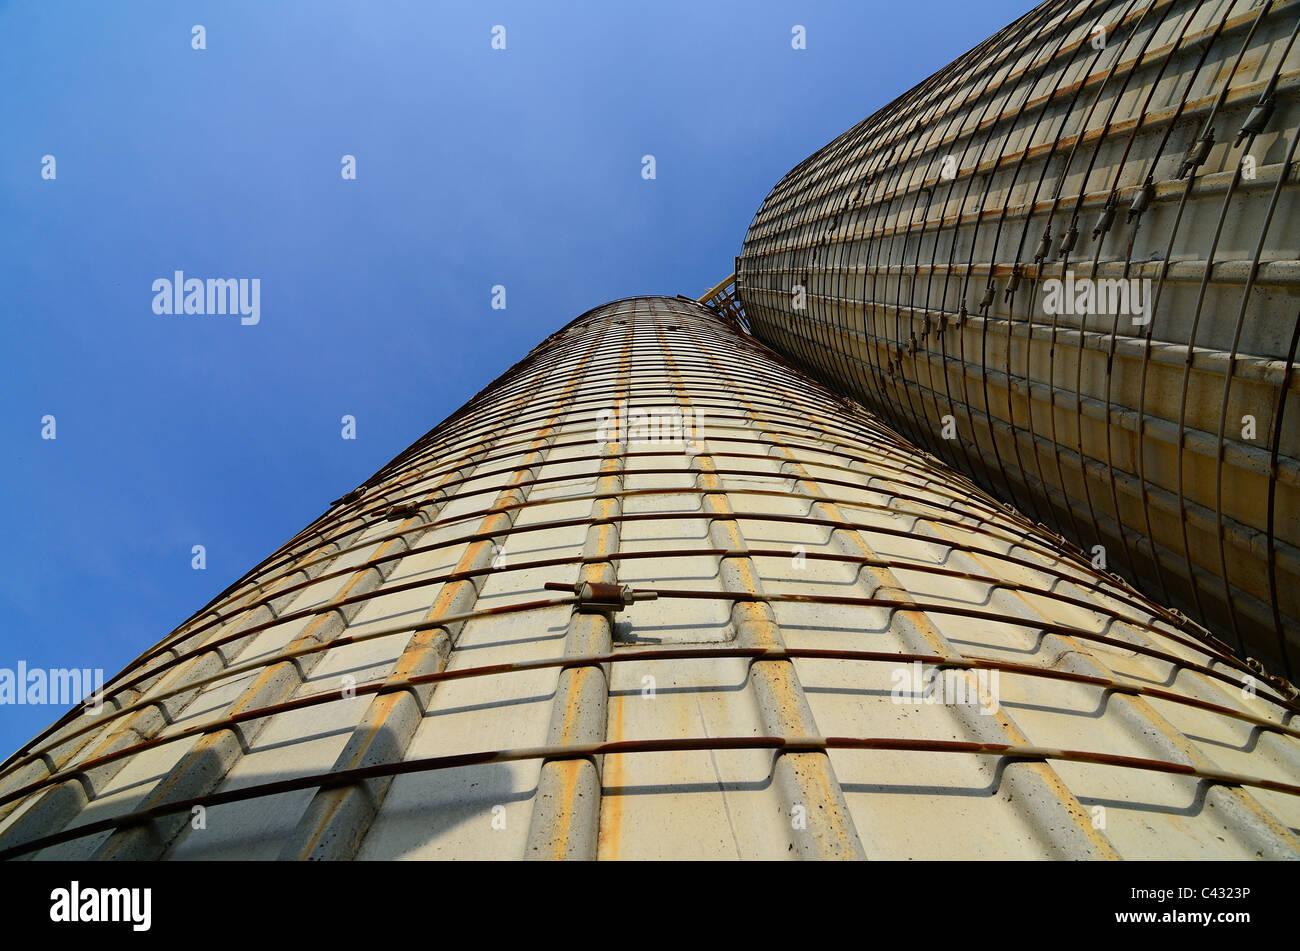 Visión abstracta de una planta de cemento Imagen De Stock